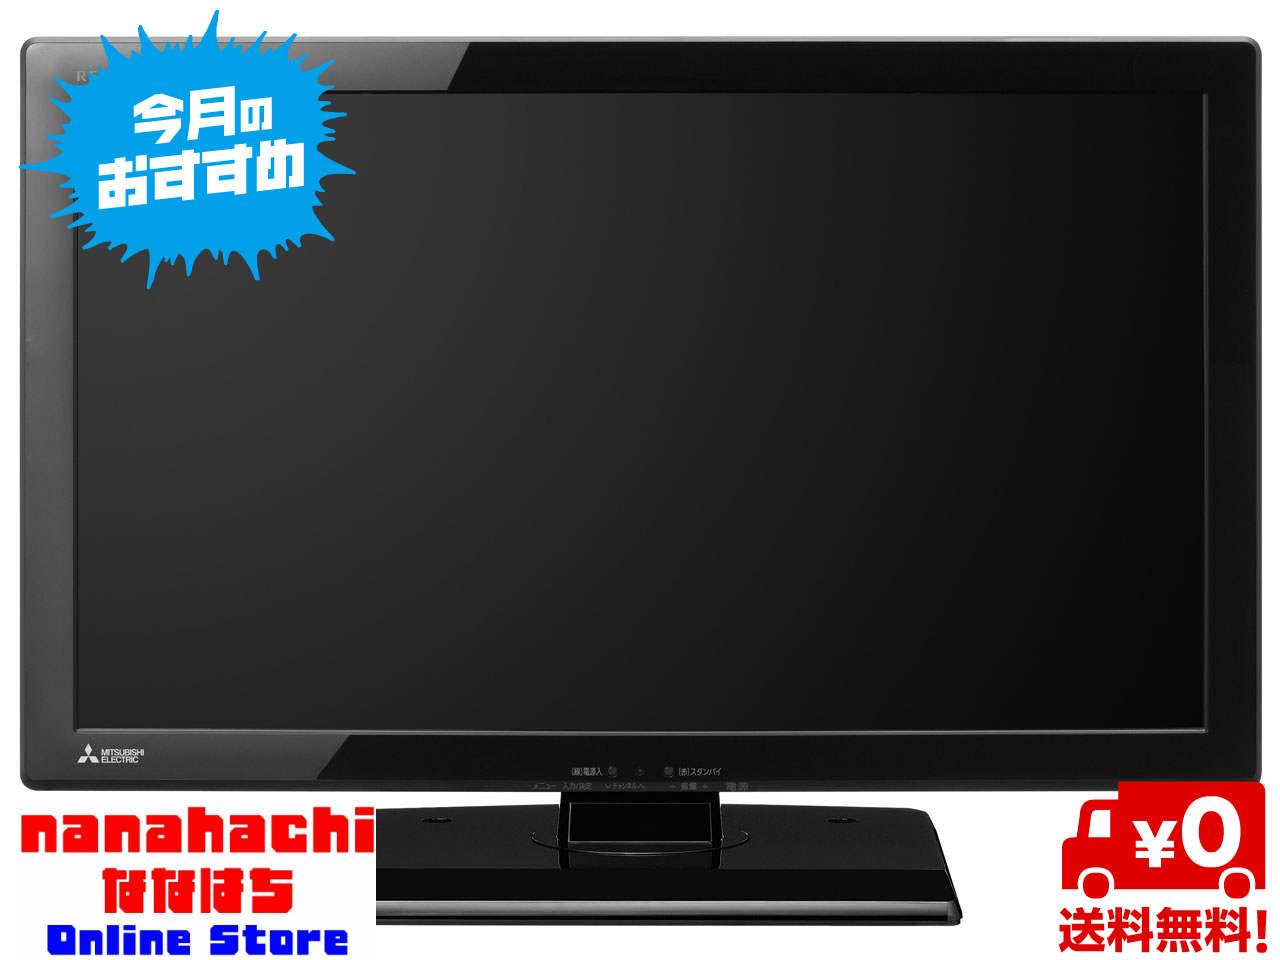 【送料無料】MITSUBISHI 三菱 REAL LB7 LCD-24LB7 ■ネットワーク機能も充実した省エネLED液晶テレビ■しゃべるテレビ機能搭載で番組などの読み上げに対応